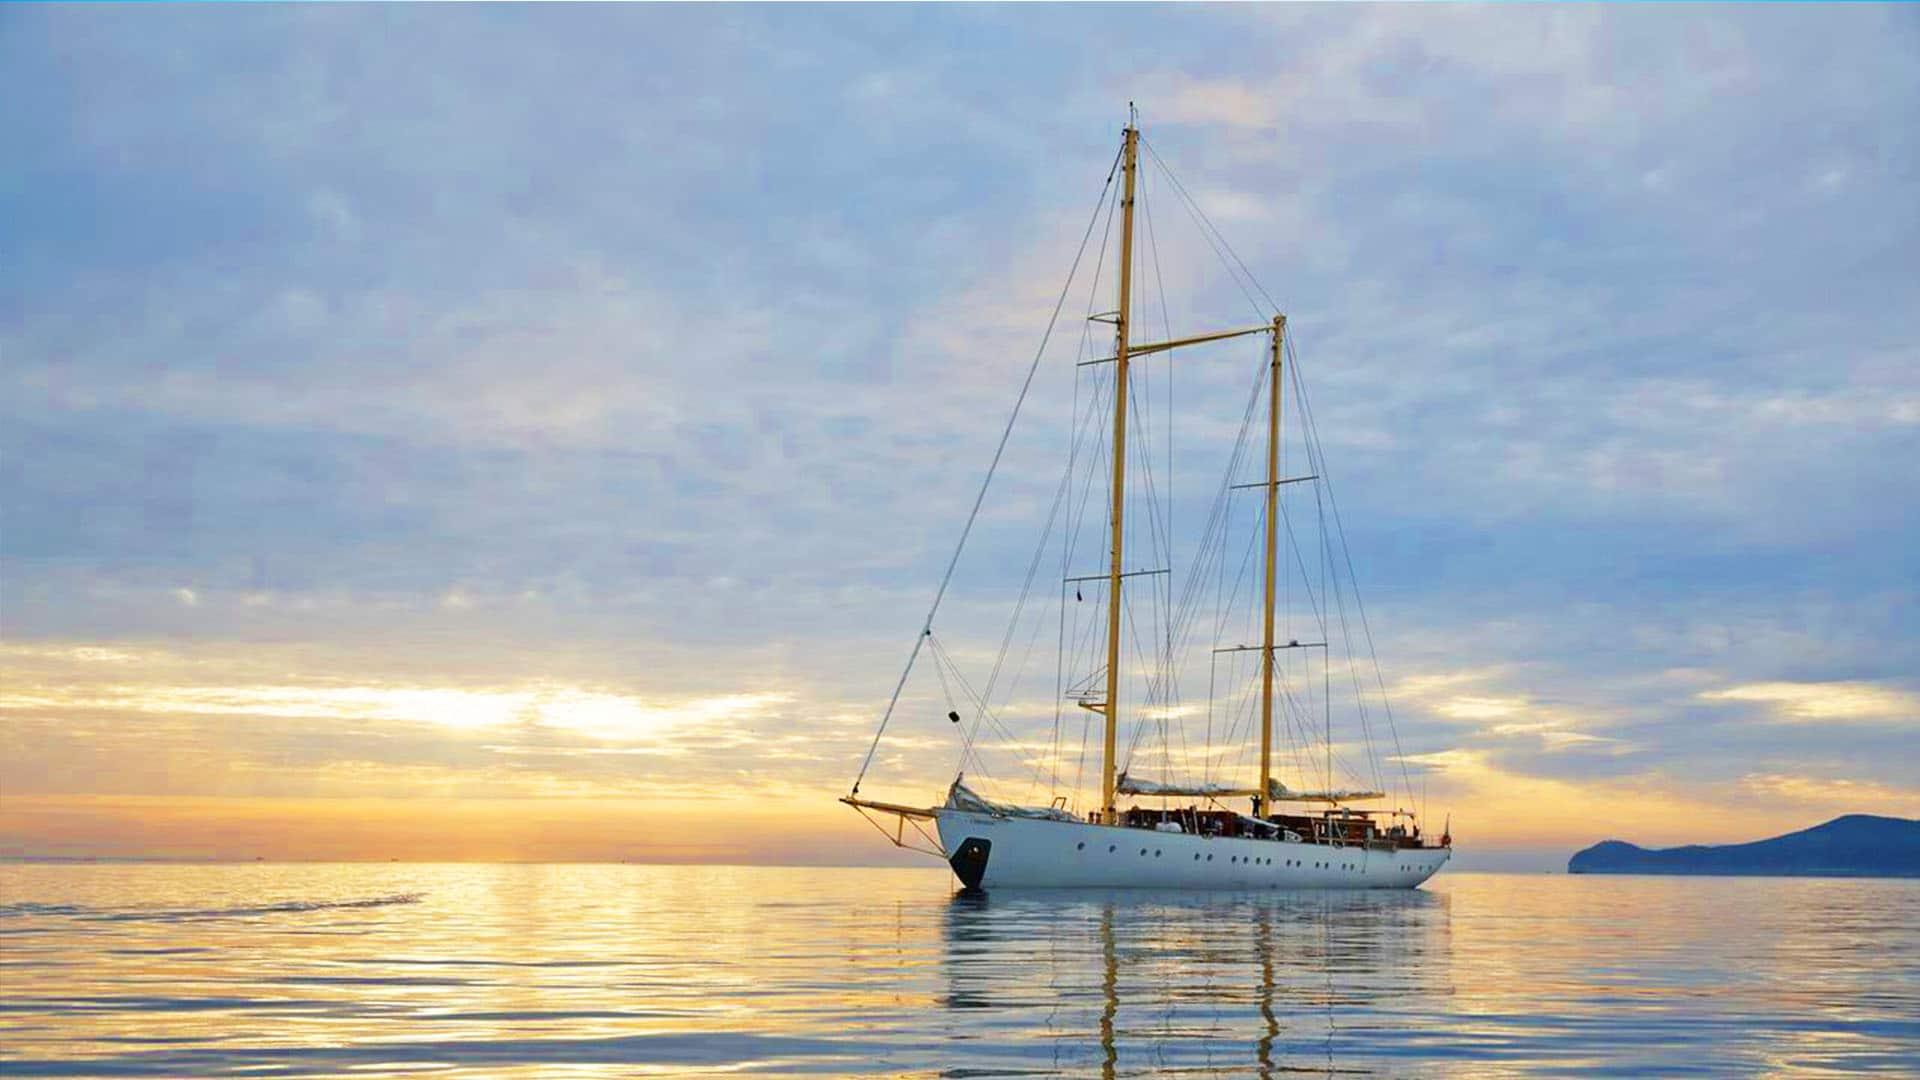 CHRONOS anchor sunset